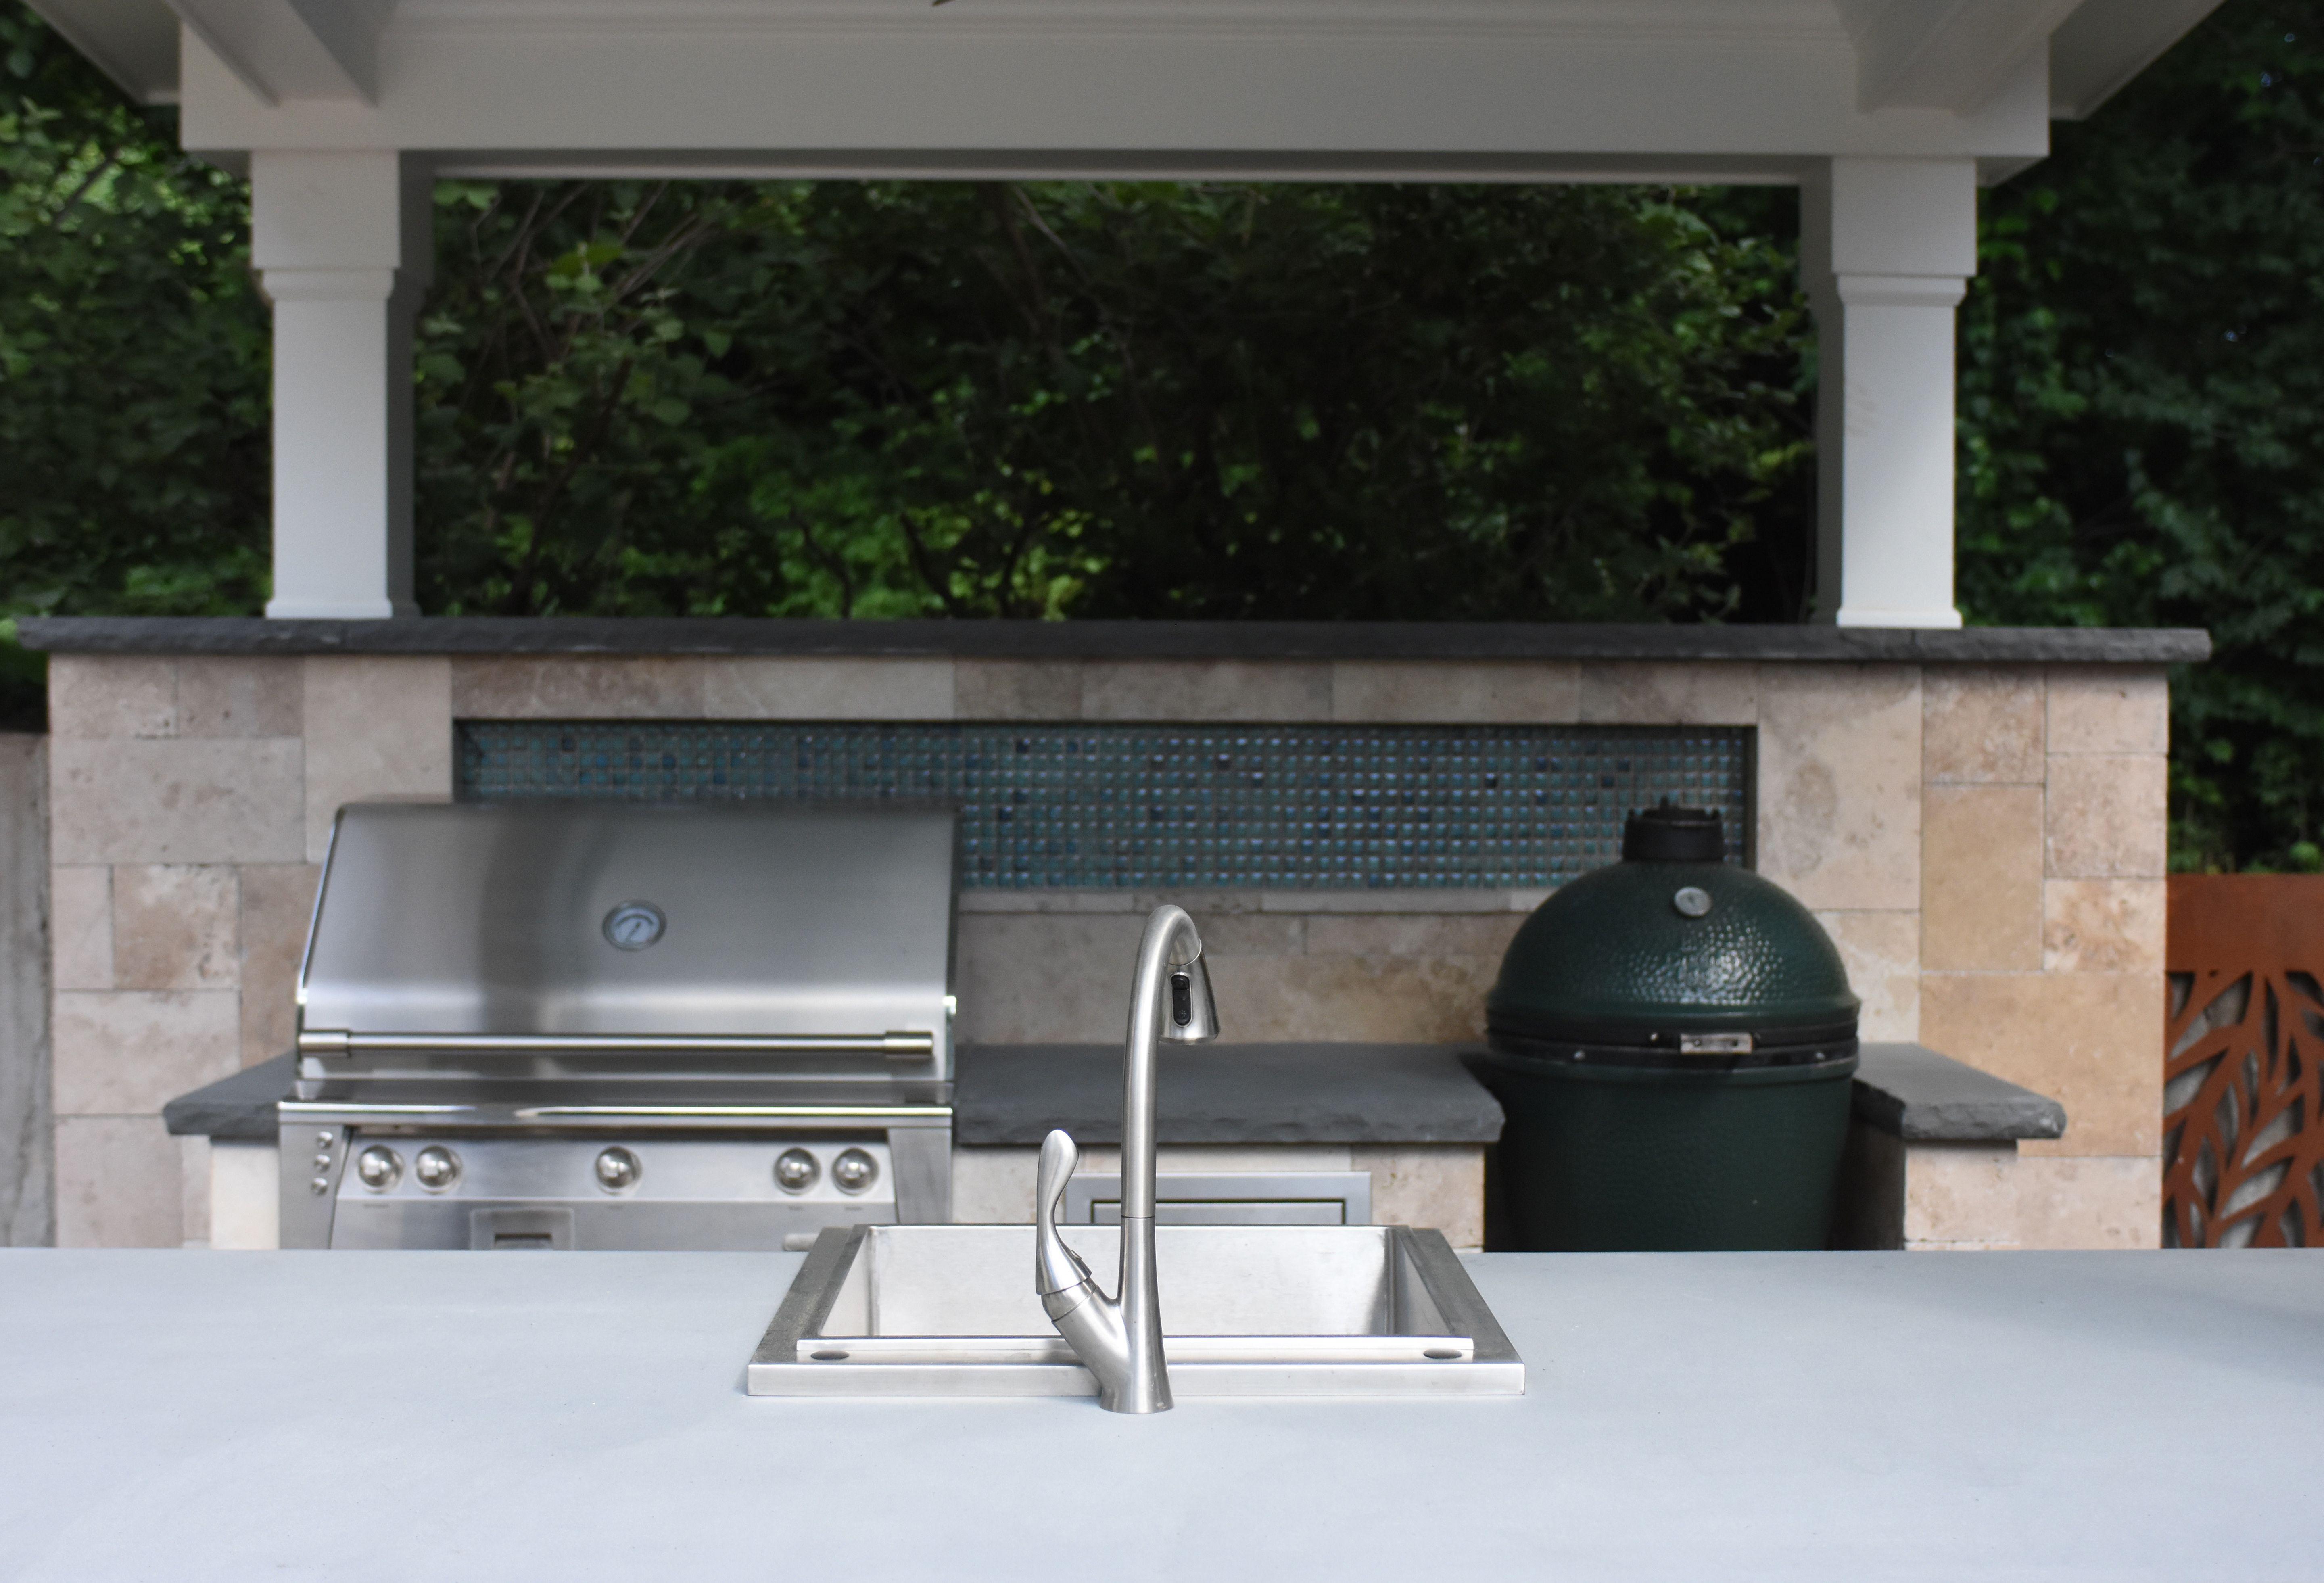 Außenküche Mit Smoker : Outdoor kitchens garten küche outdoor kitchen backyard bbq